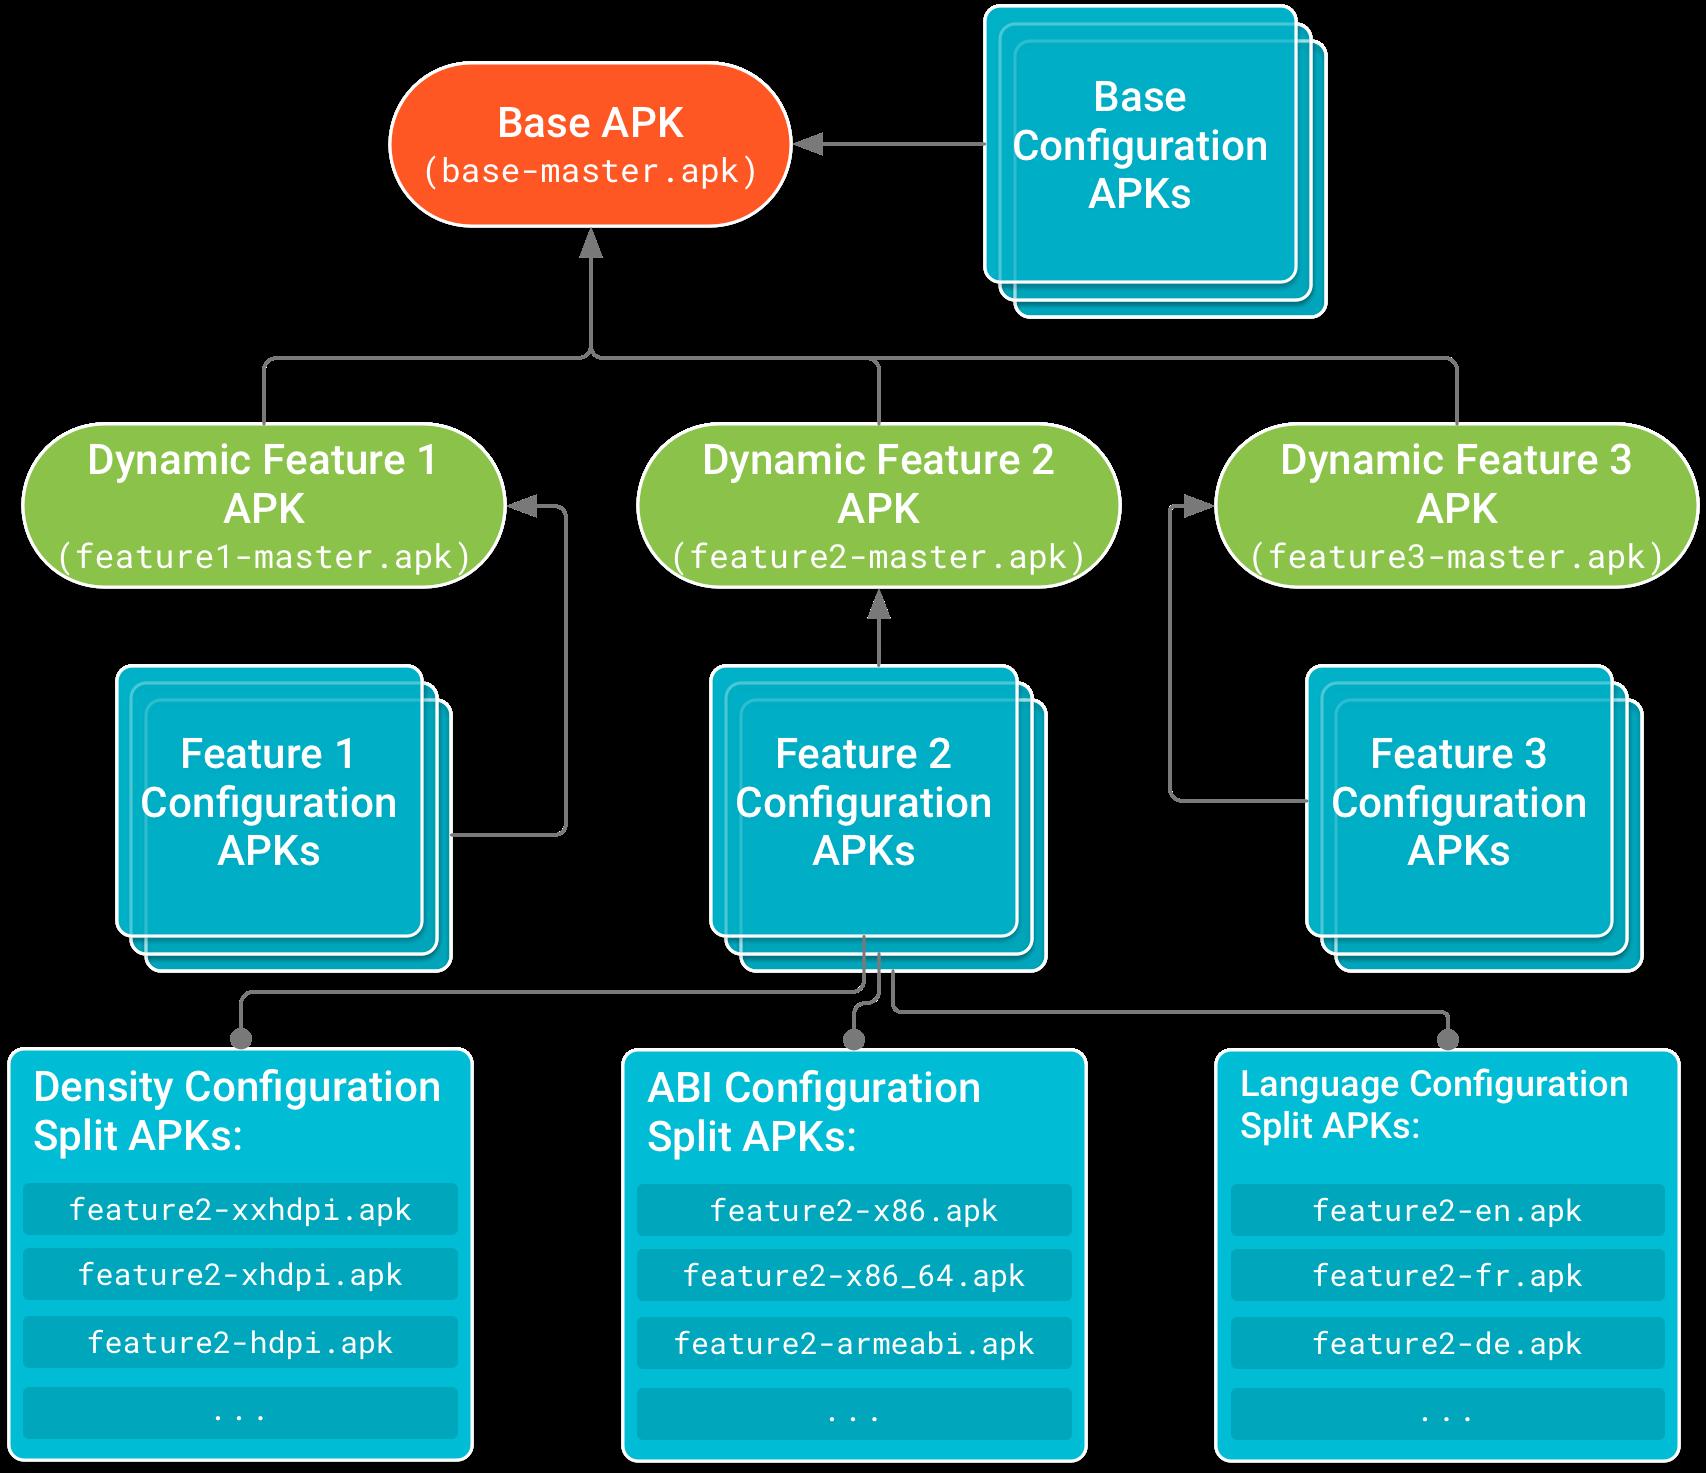 基本 APK 位于树的头部,并有动态功能 APK 依赖于基本 APK。配置 APK 构成依赖关系树的叶节点,此类 APK 中包含了基本 APK 和各动态功能 APK 的设备配置专用代码和资源。